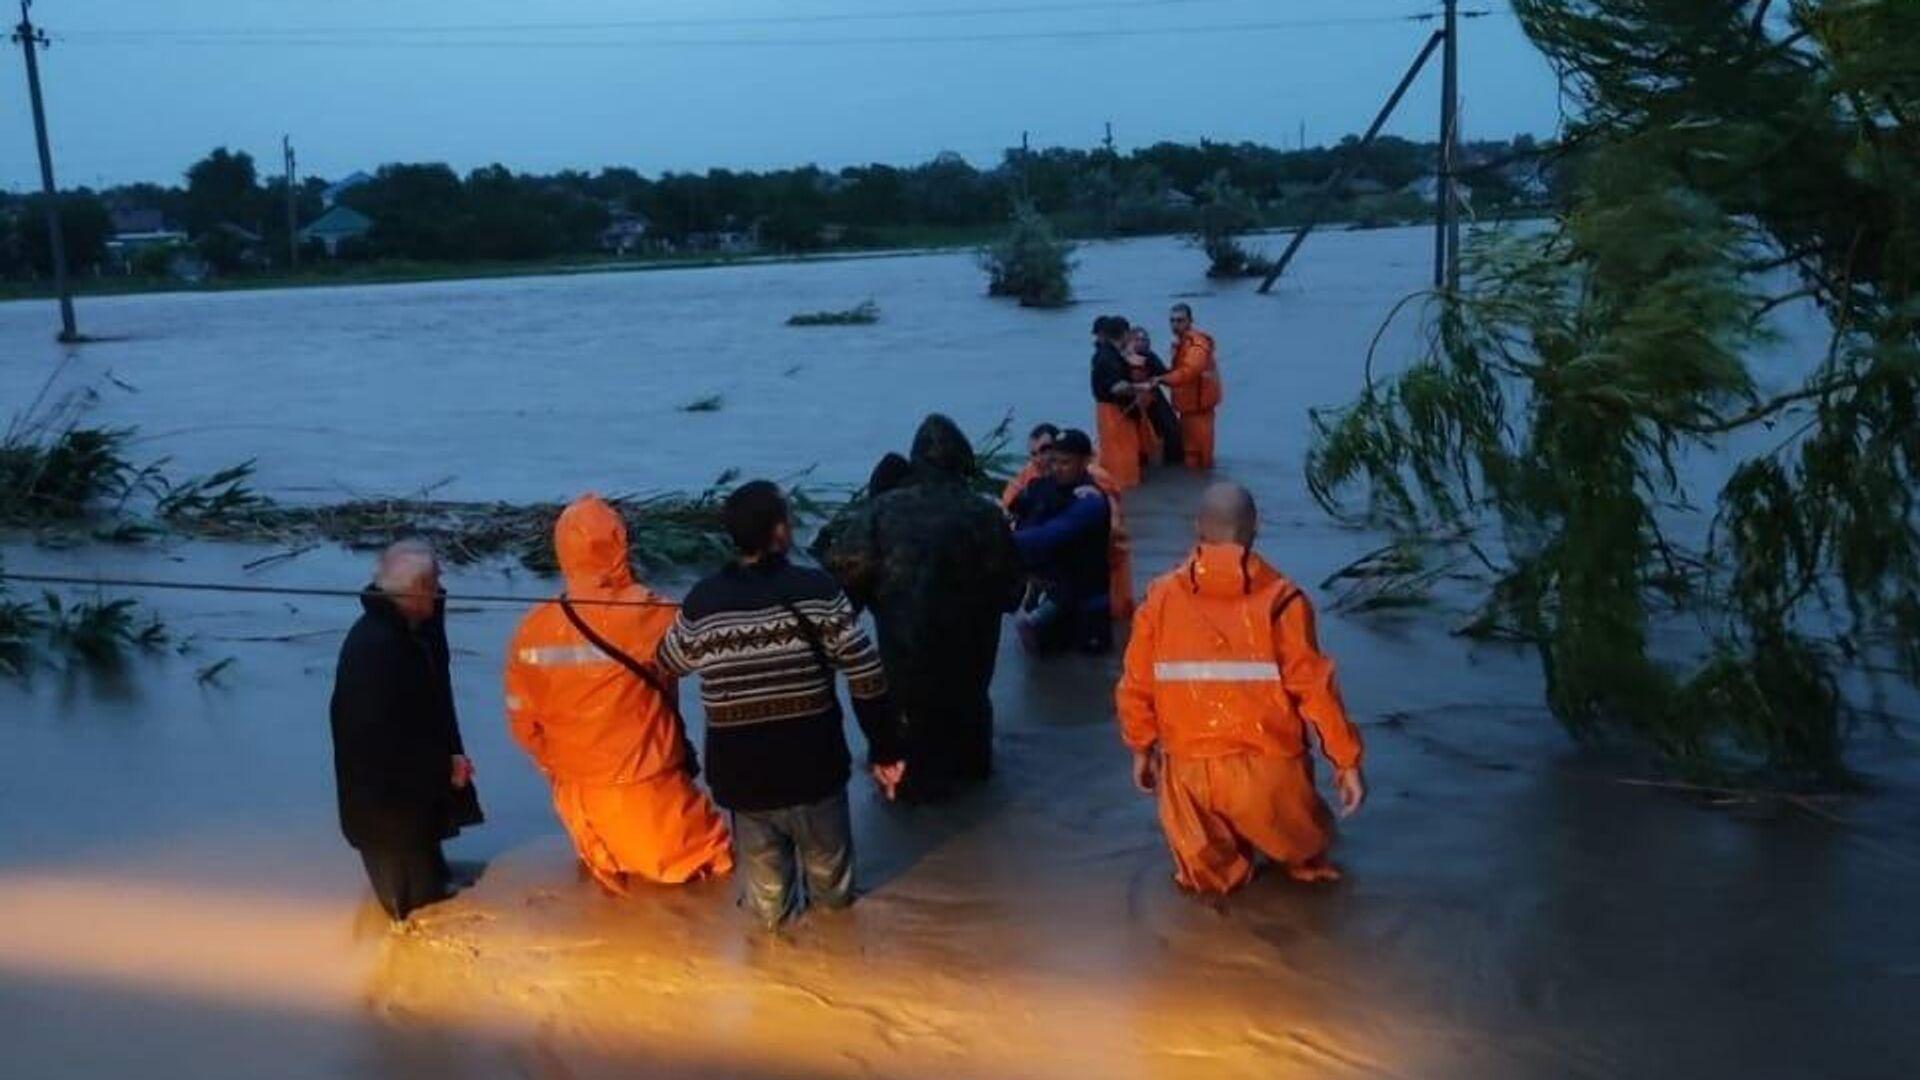 Сотрудники МЧС оказывают помощь местным жителям в Керчи - РИА Новости, 1920, 17.06.2021